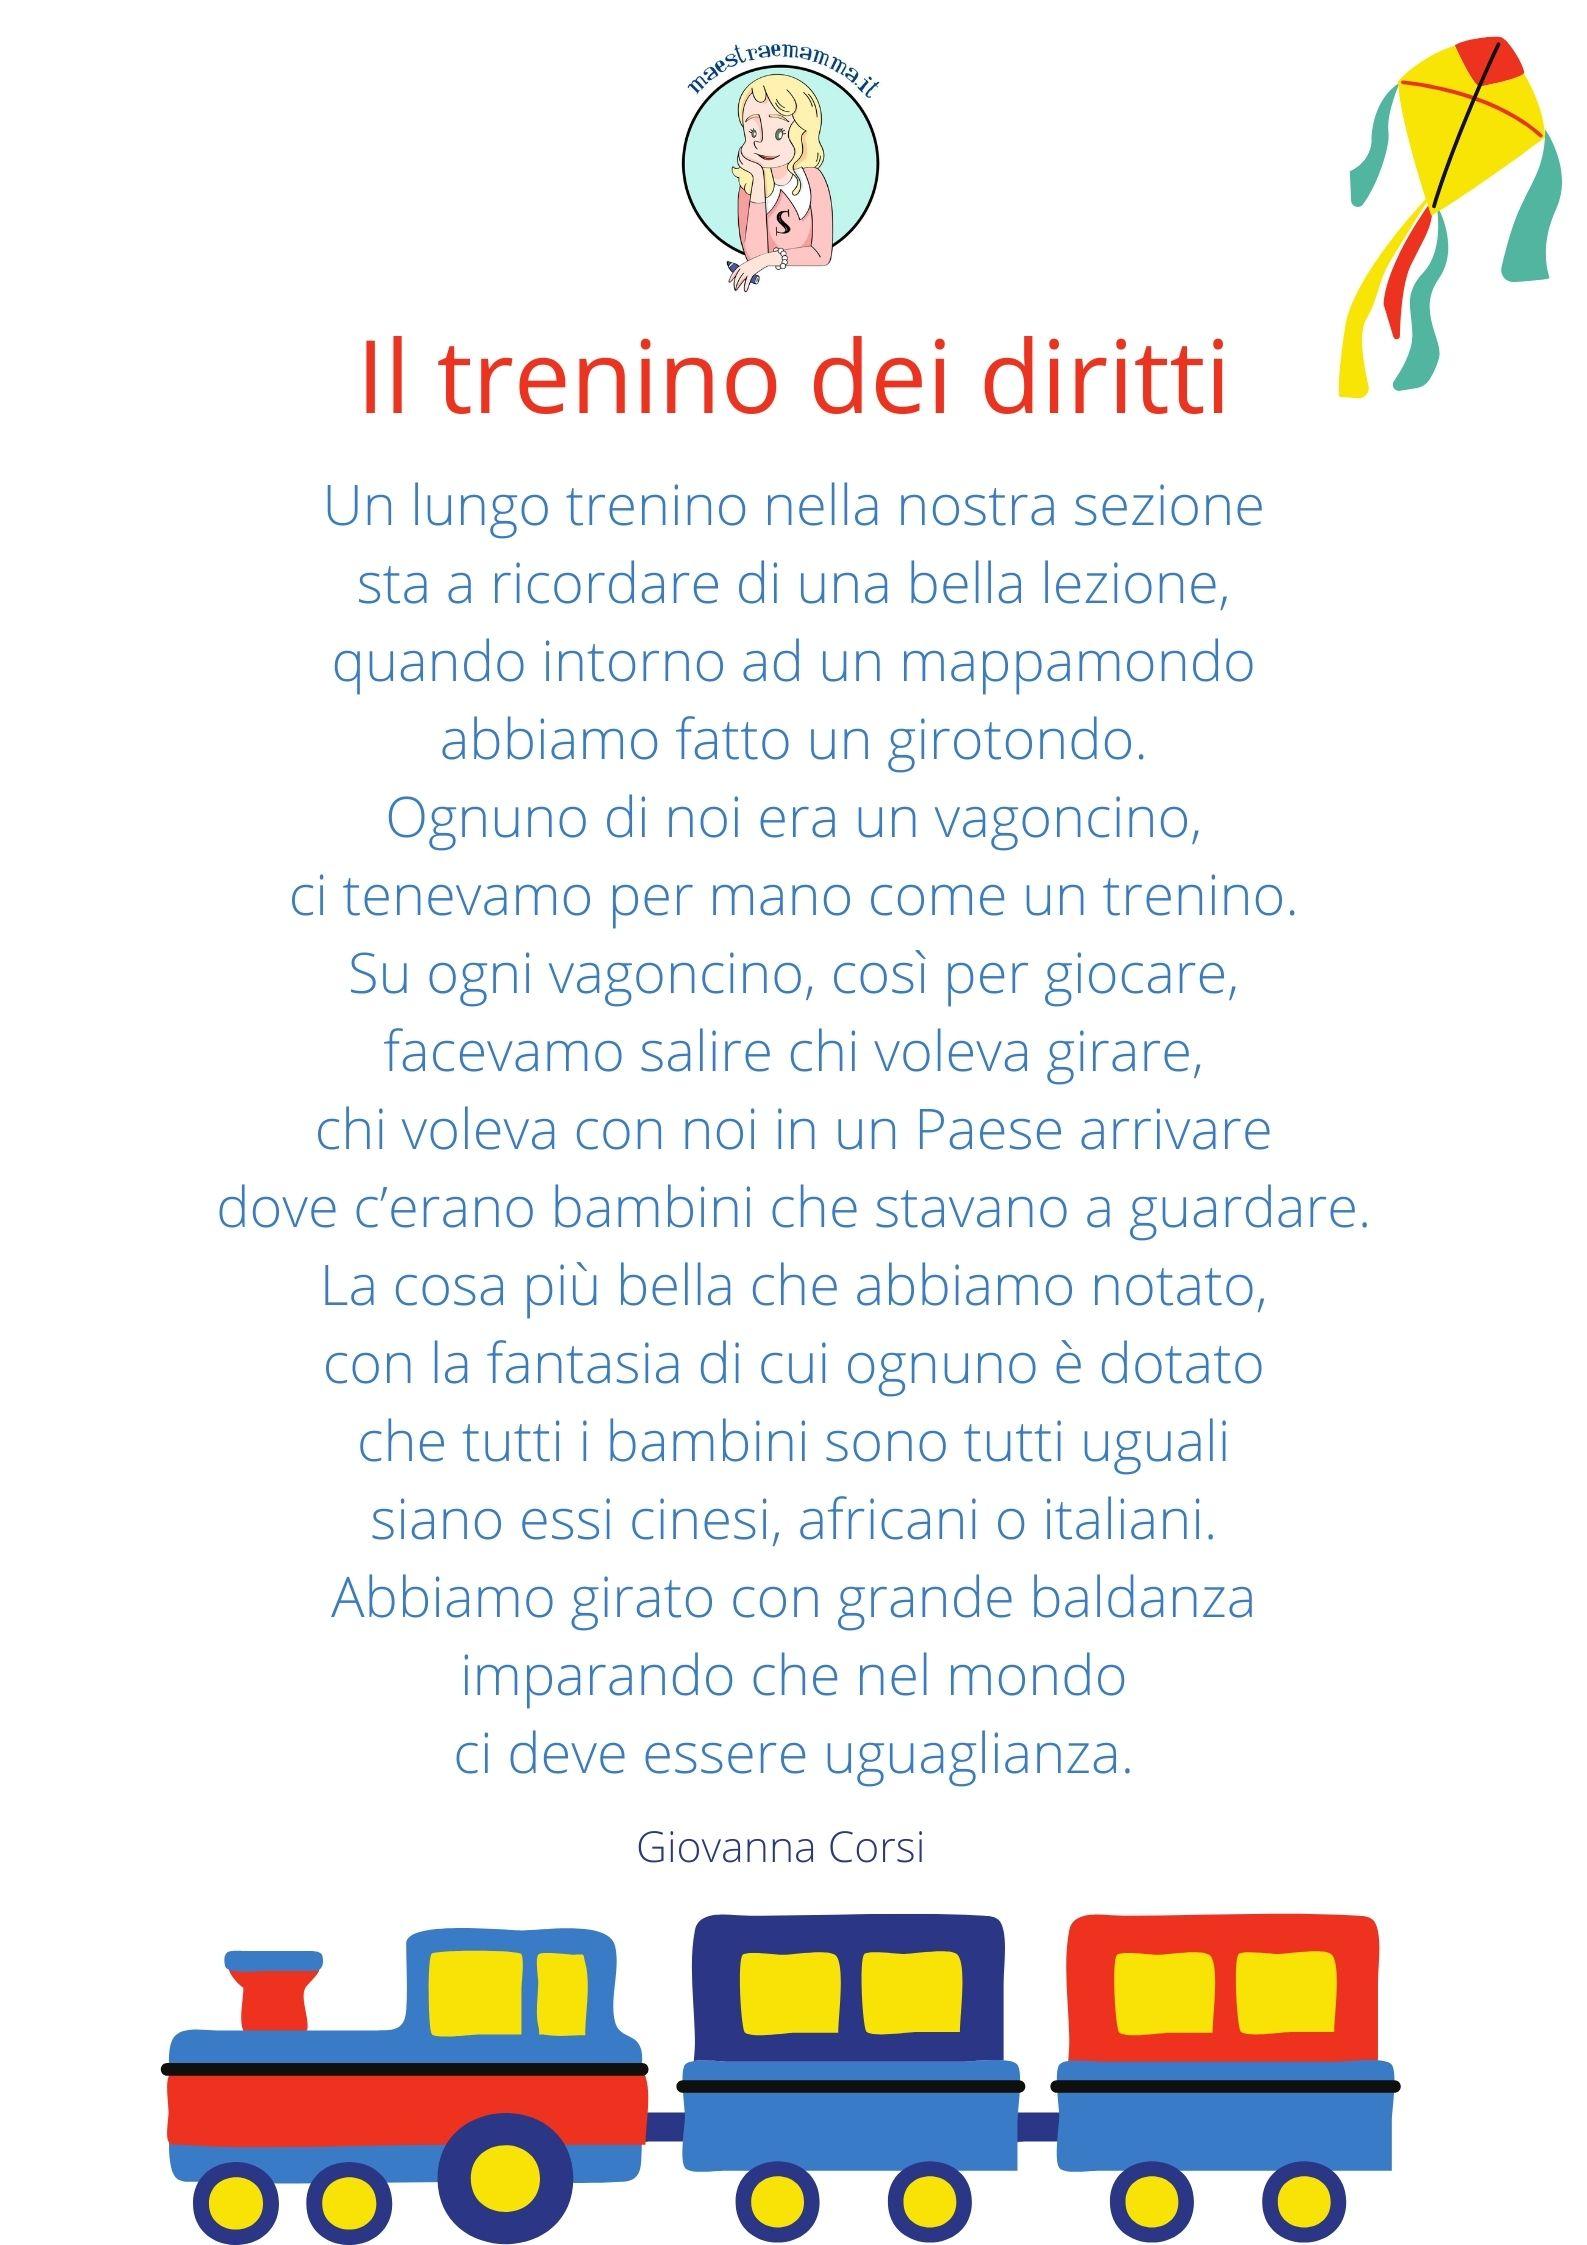 - poesia per la Giornata dei Diritti dei Bimbini - giornata mondiale dei diritti dell infanzia